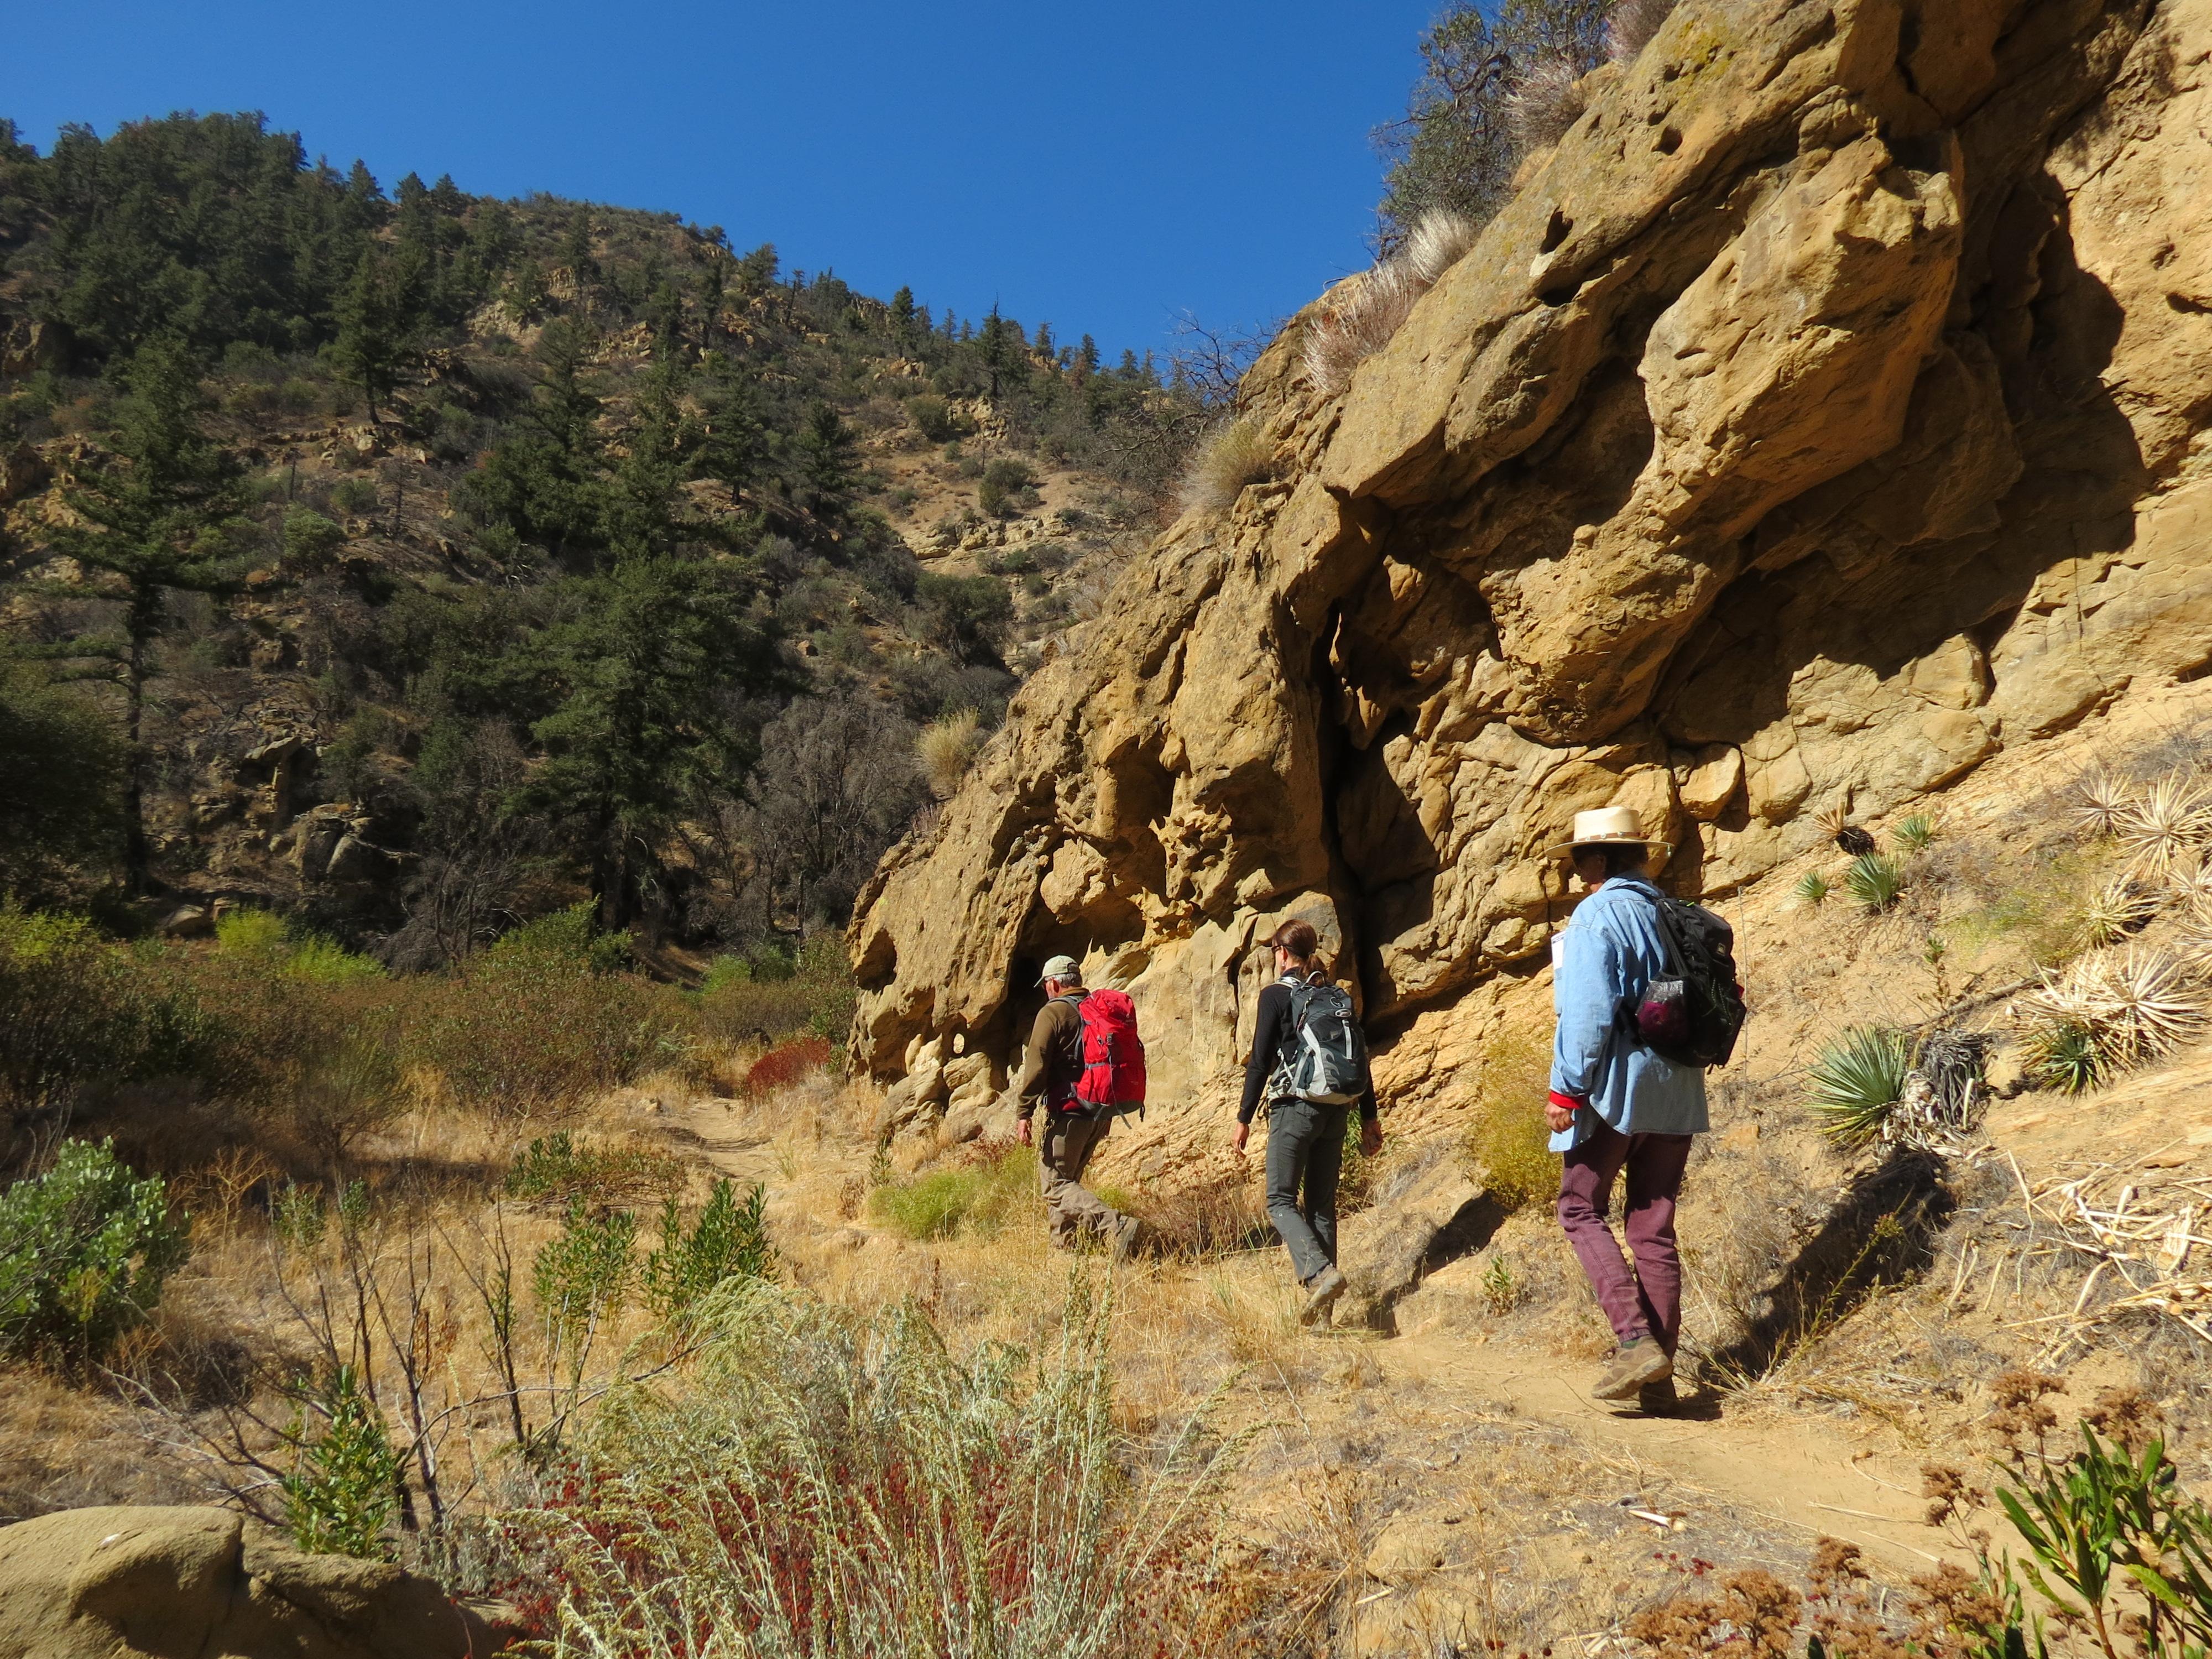 Santa Barbara Three Sisters - Hiking